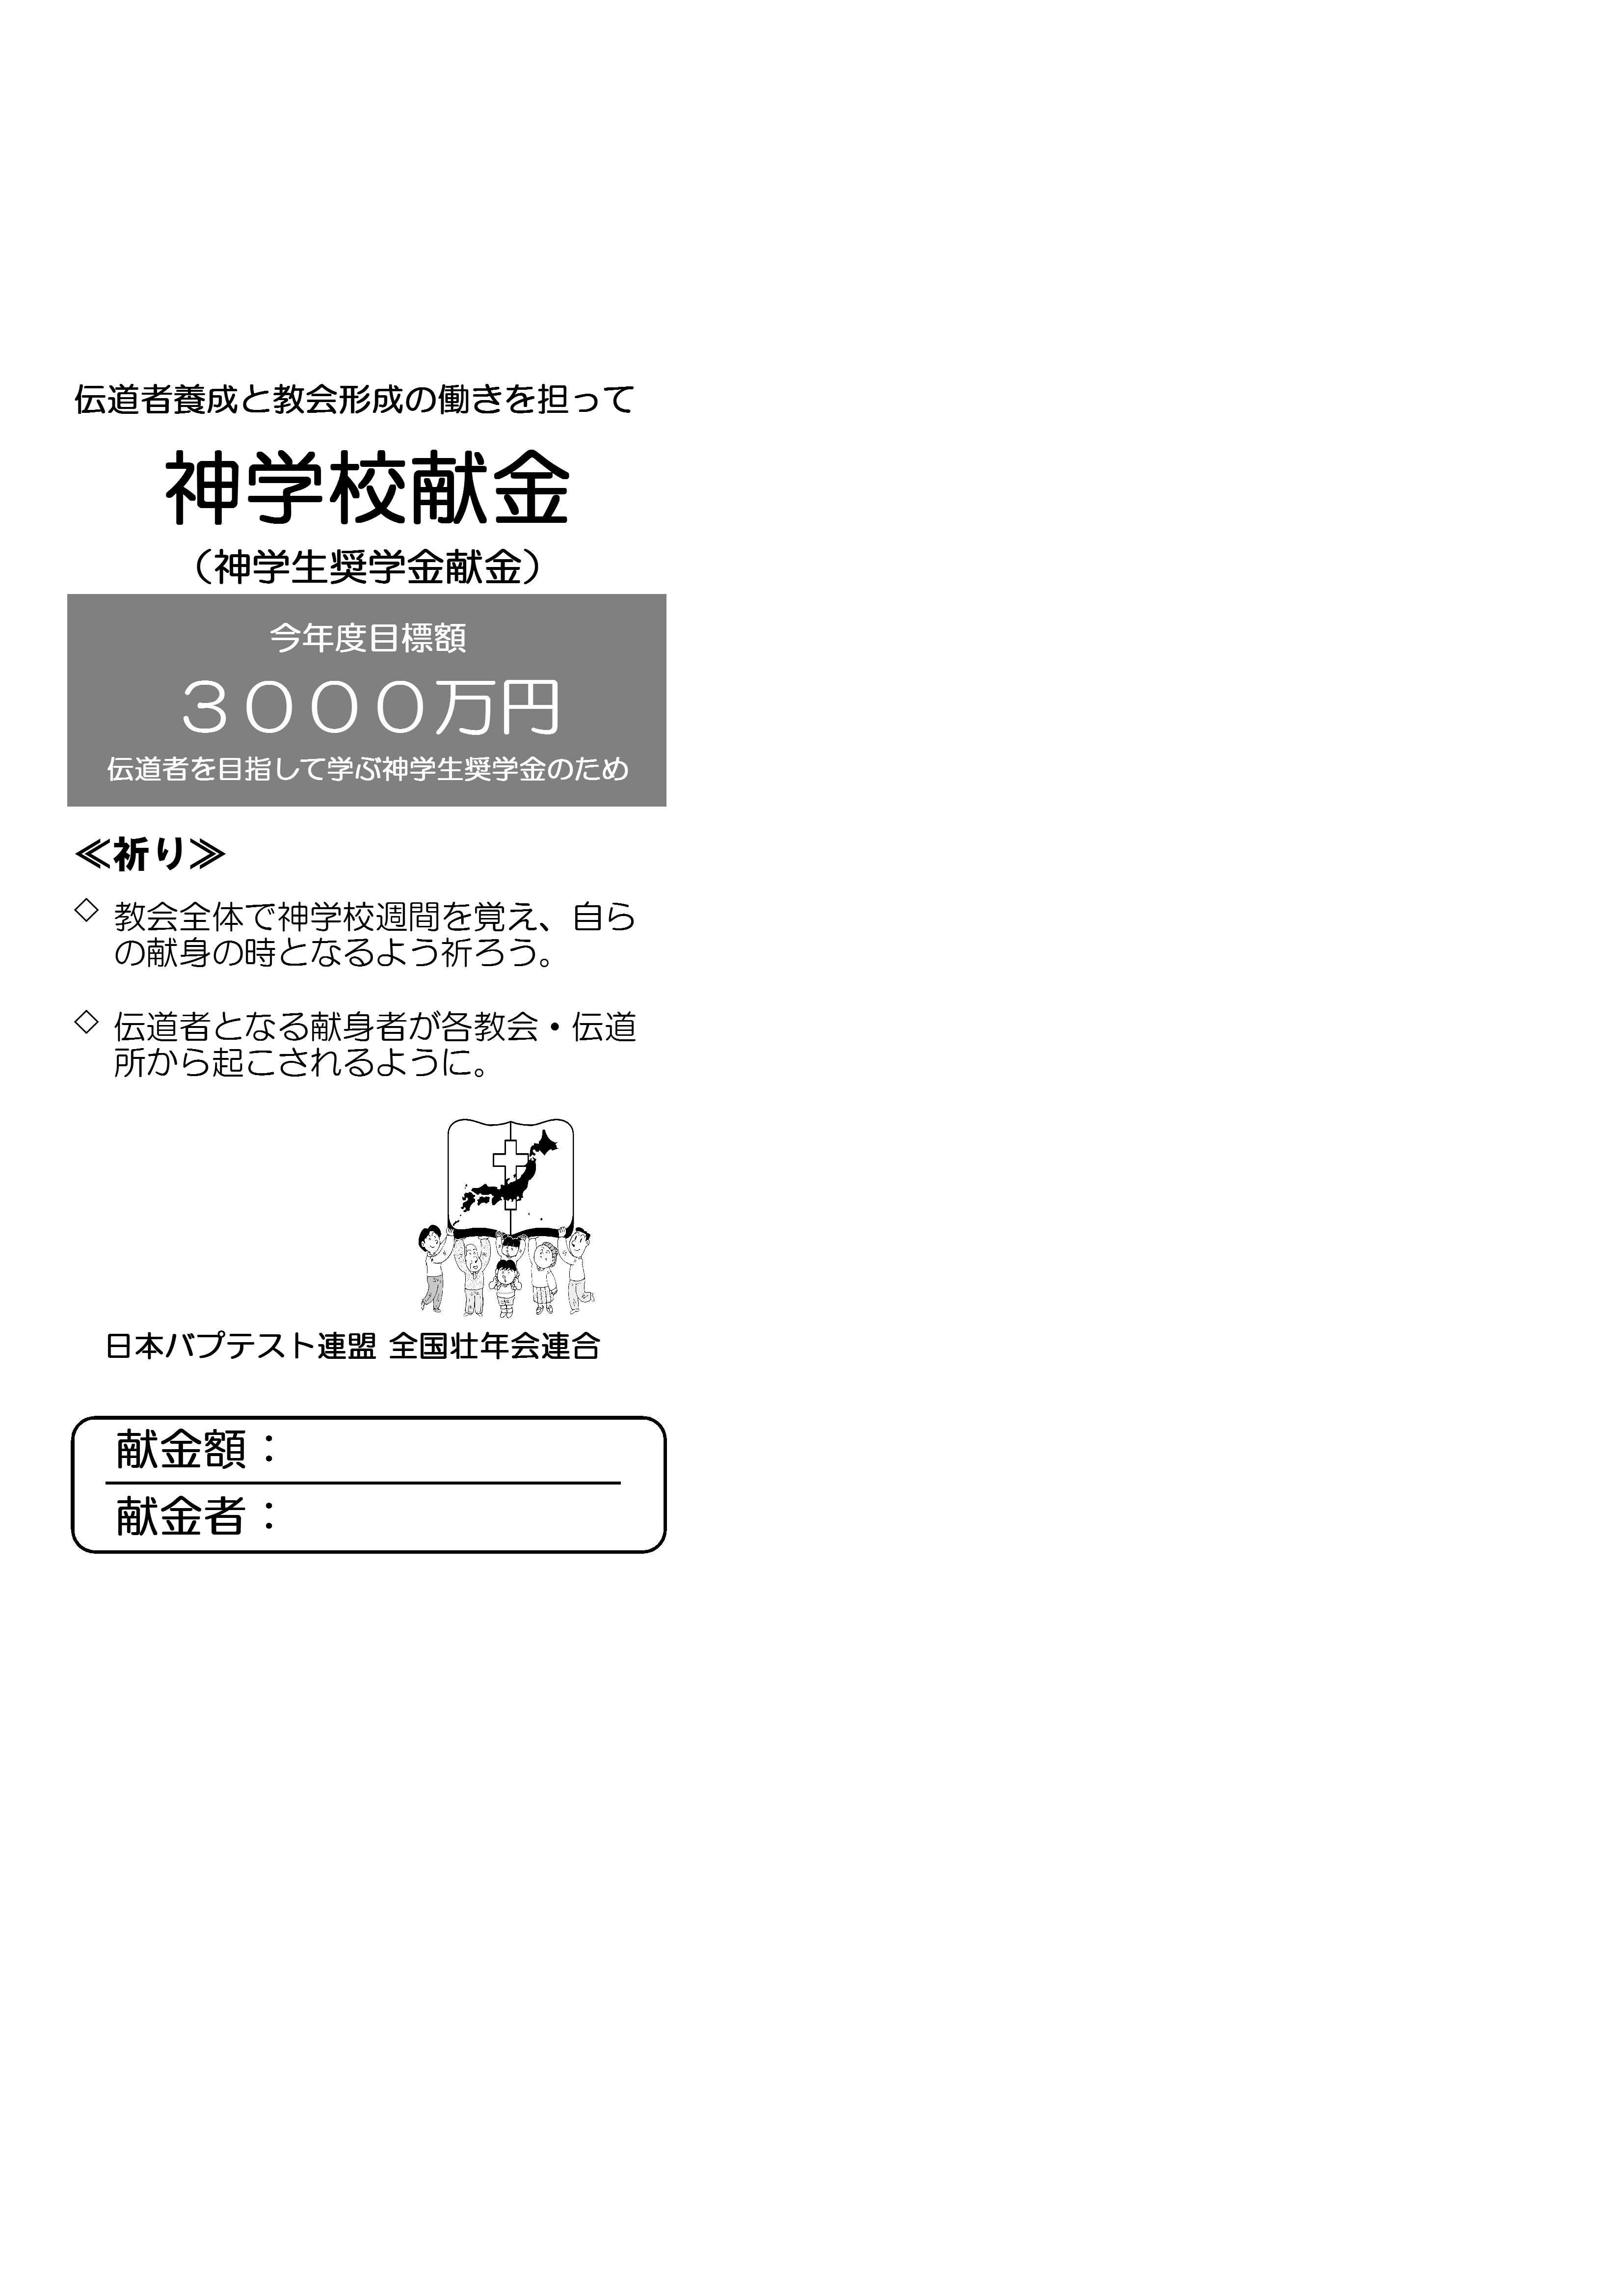 神学校献金封筒原紙EXCEL JPEG